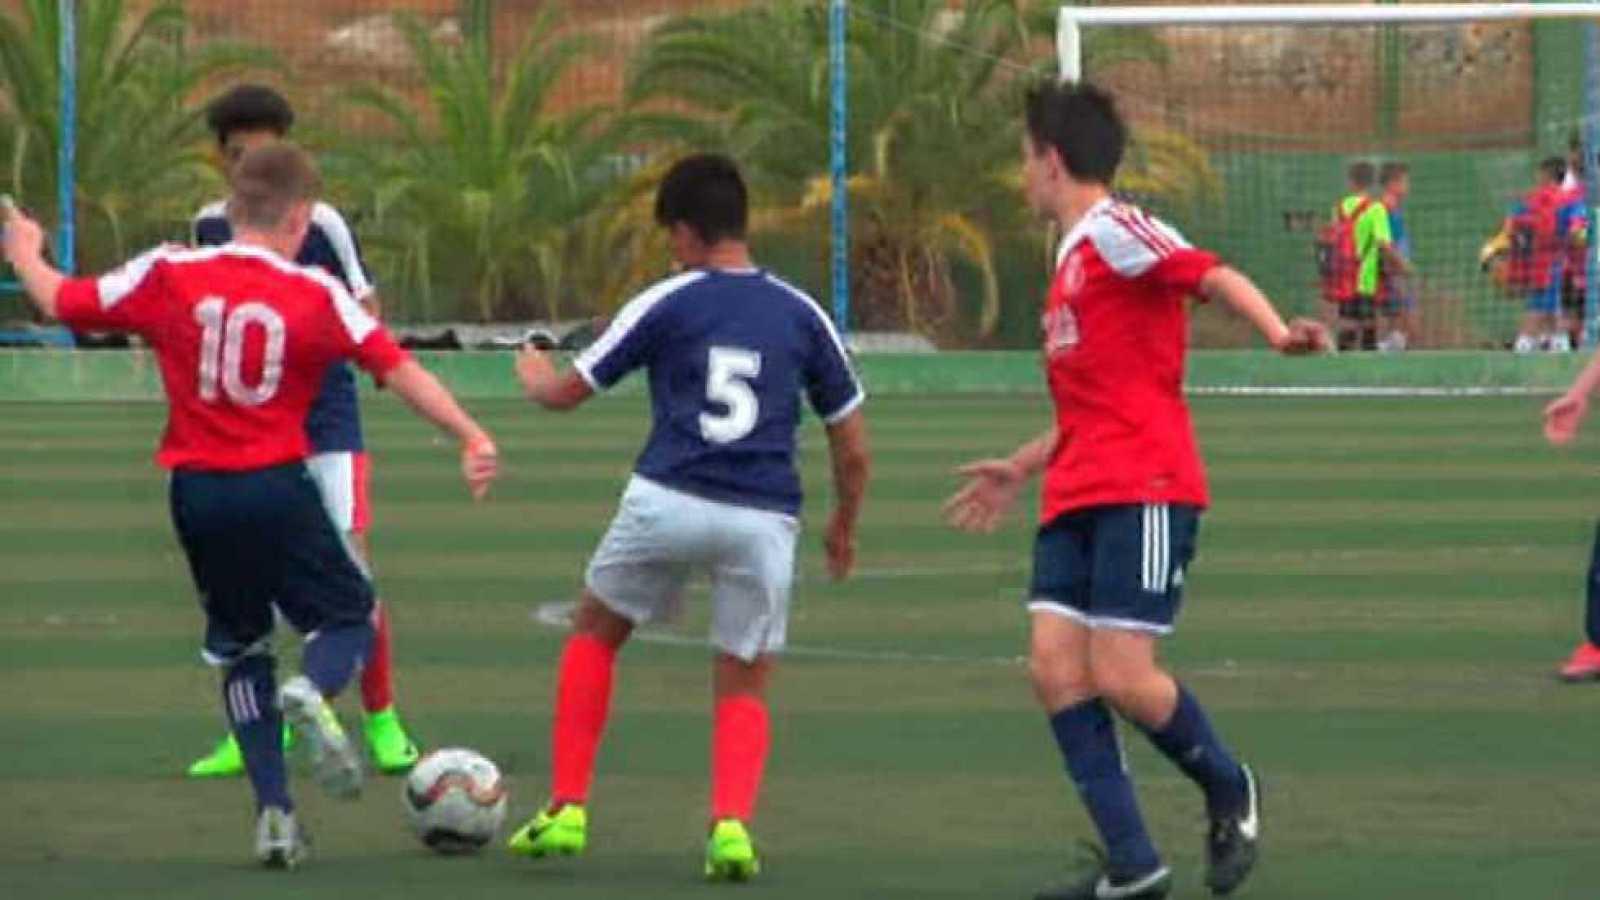 Donosti Cup Calendario Partidos.Futbol Torneos Futbol Base Internacional Donosti Cup Y Costa Blanca Cup